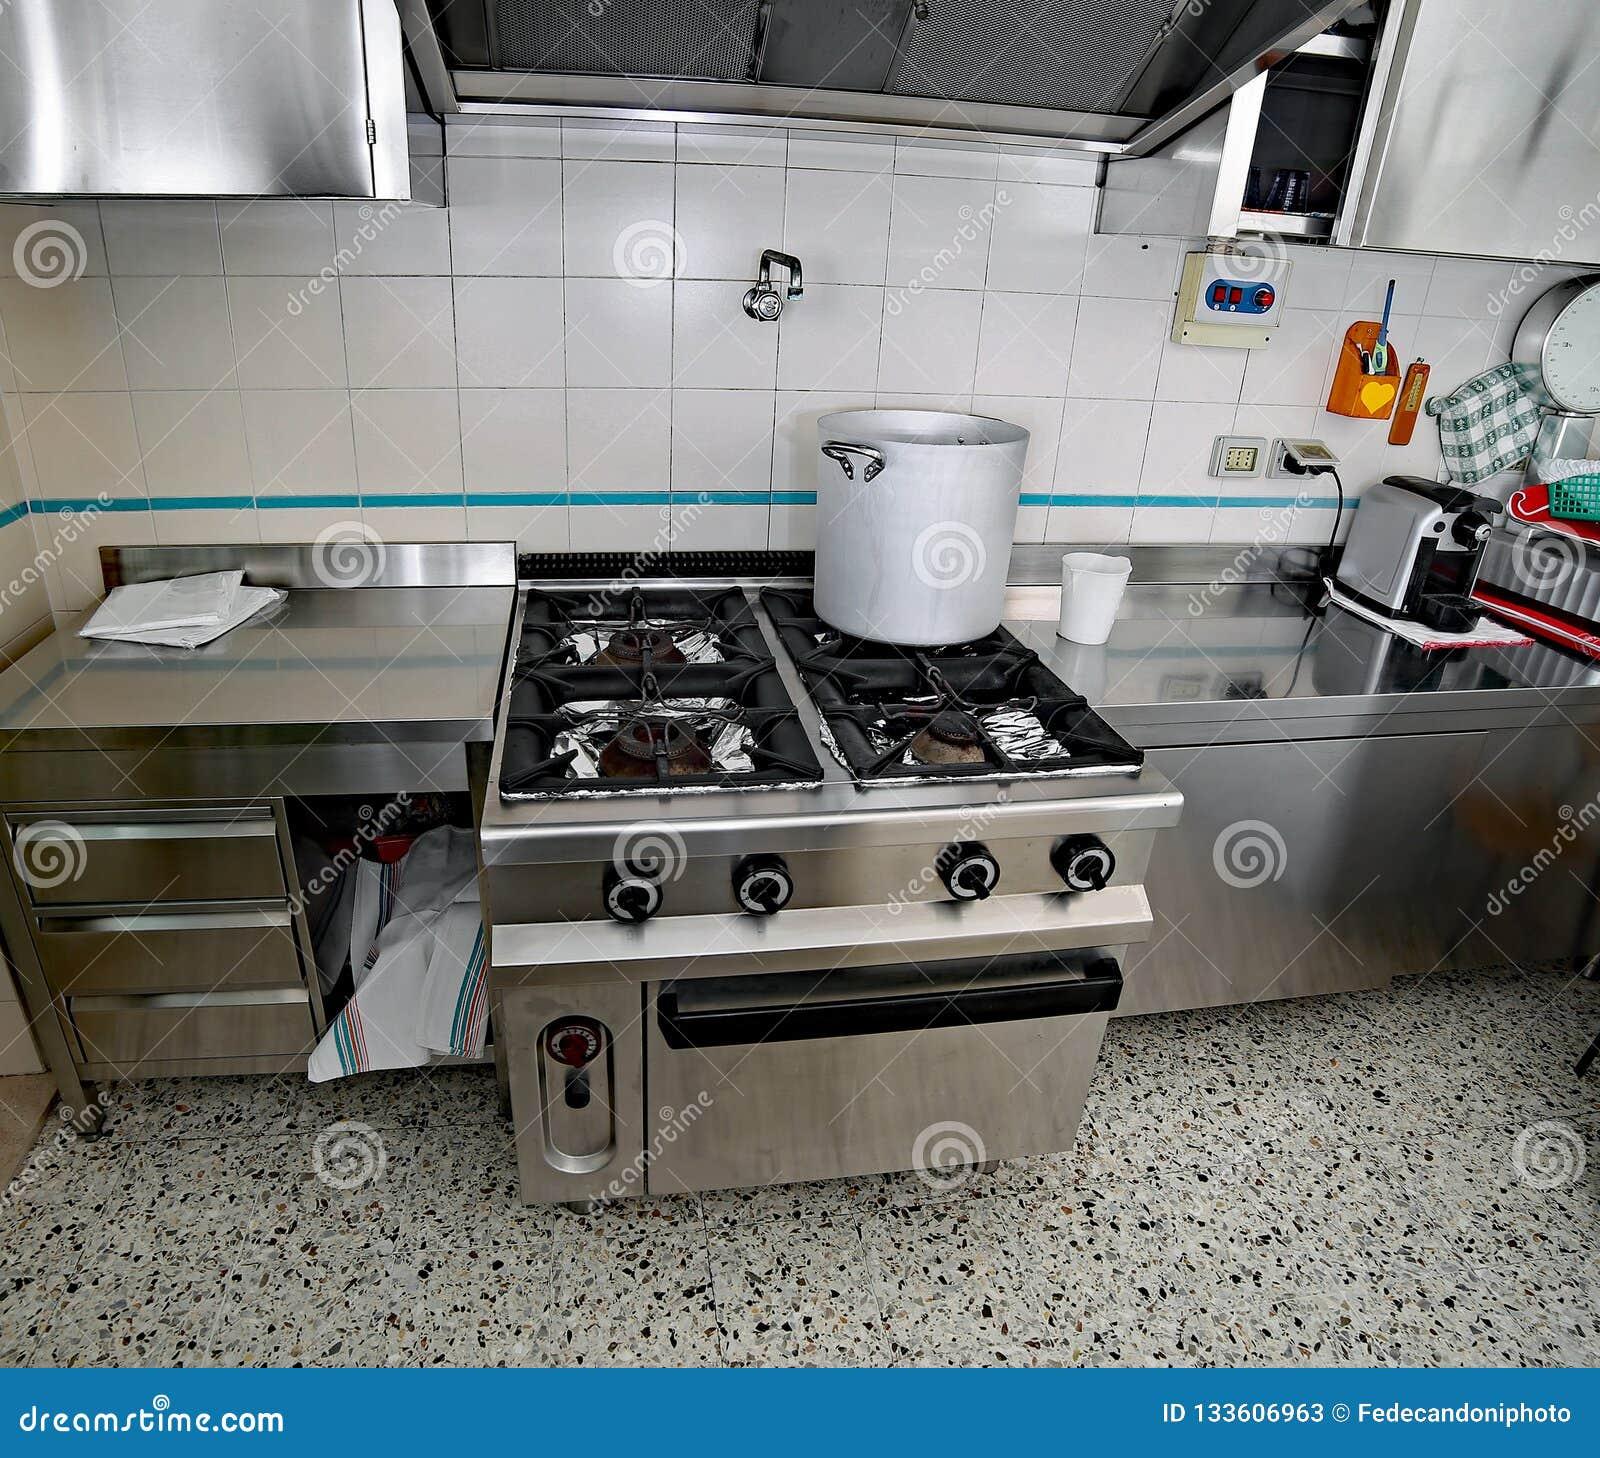 Cocina Industrial Con Los Muebles De Acero Y Un Pote De ...